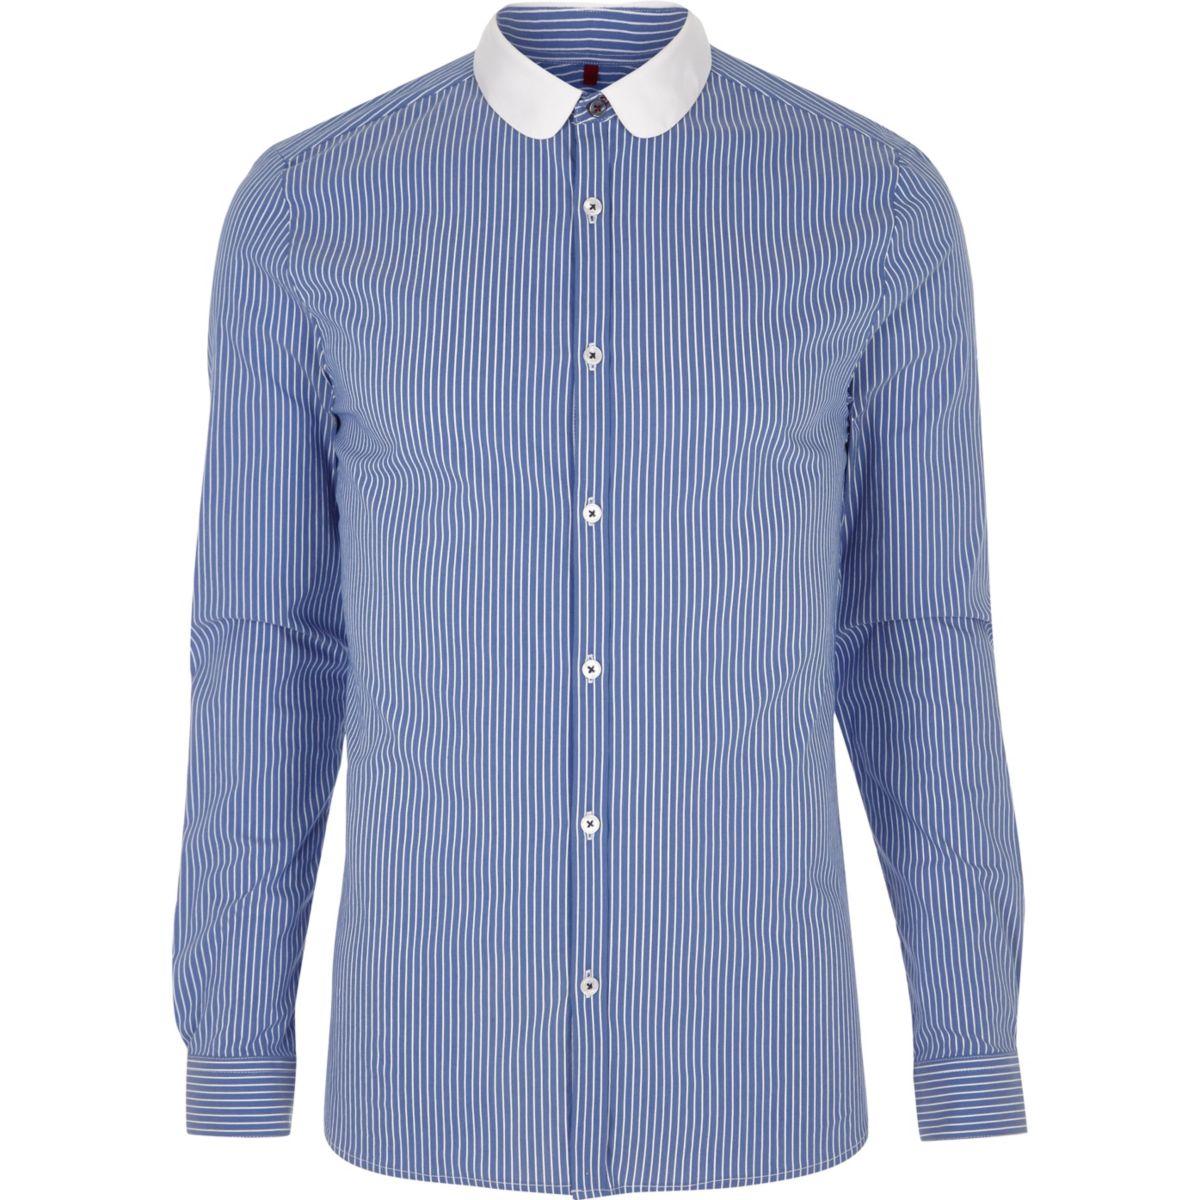 Chemise à rayures contrastantes bleue avec col arrondi